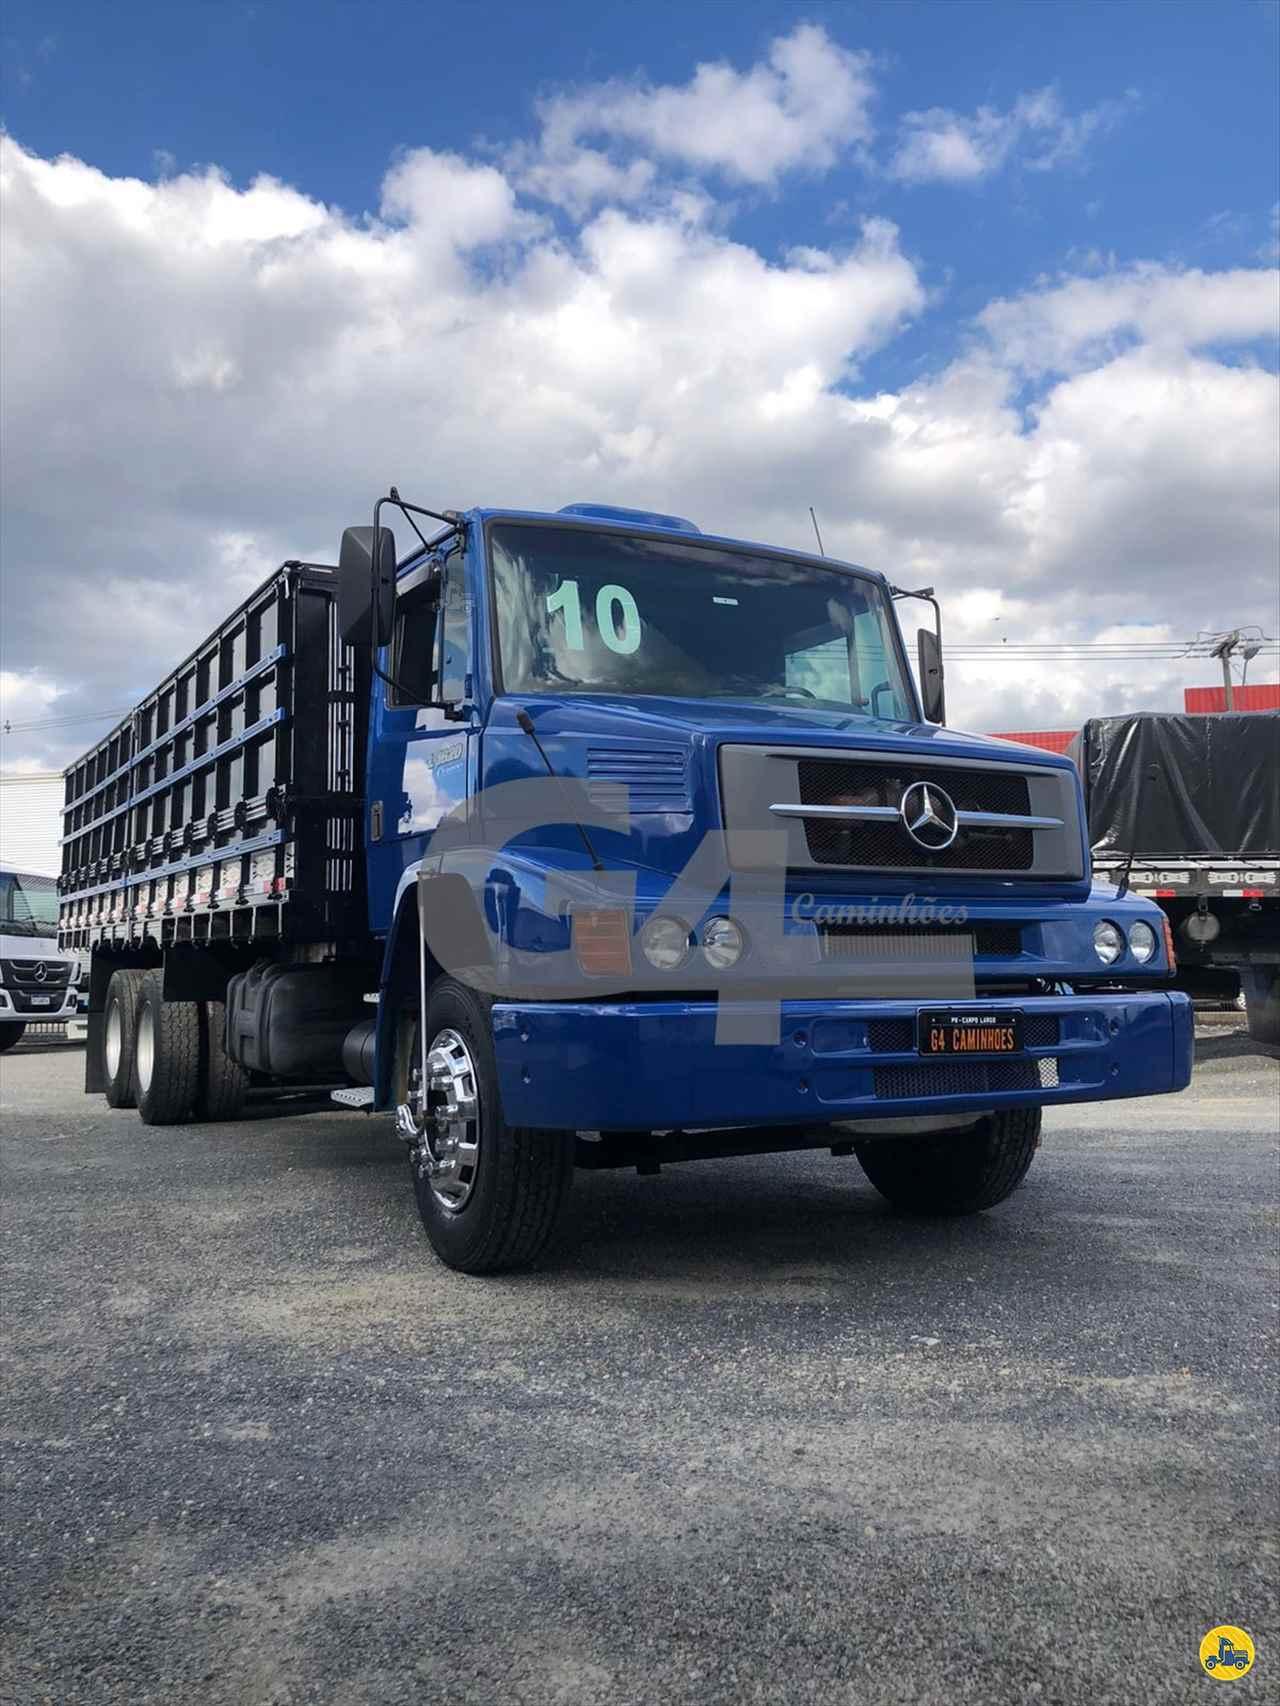 CAMINHAO MERCEDES-BENZ MB 1620 Graneleiro Truck 6x2 G4 Caminhões CAMPO LARGO PARANÁ PR